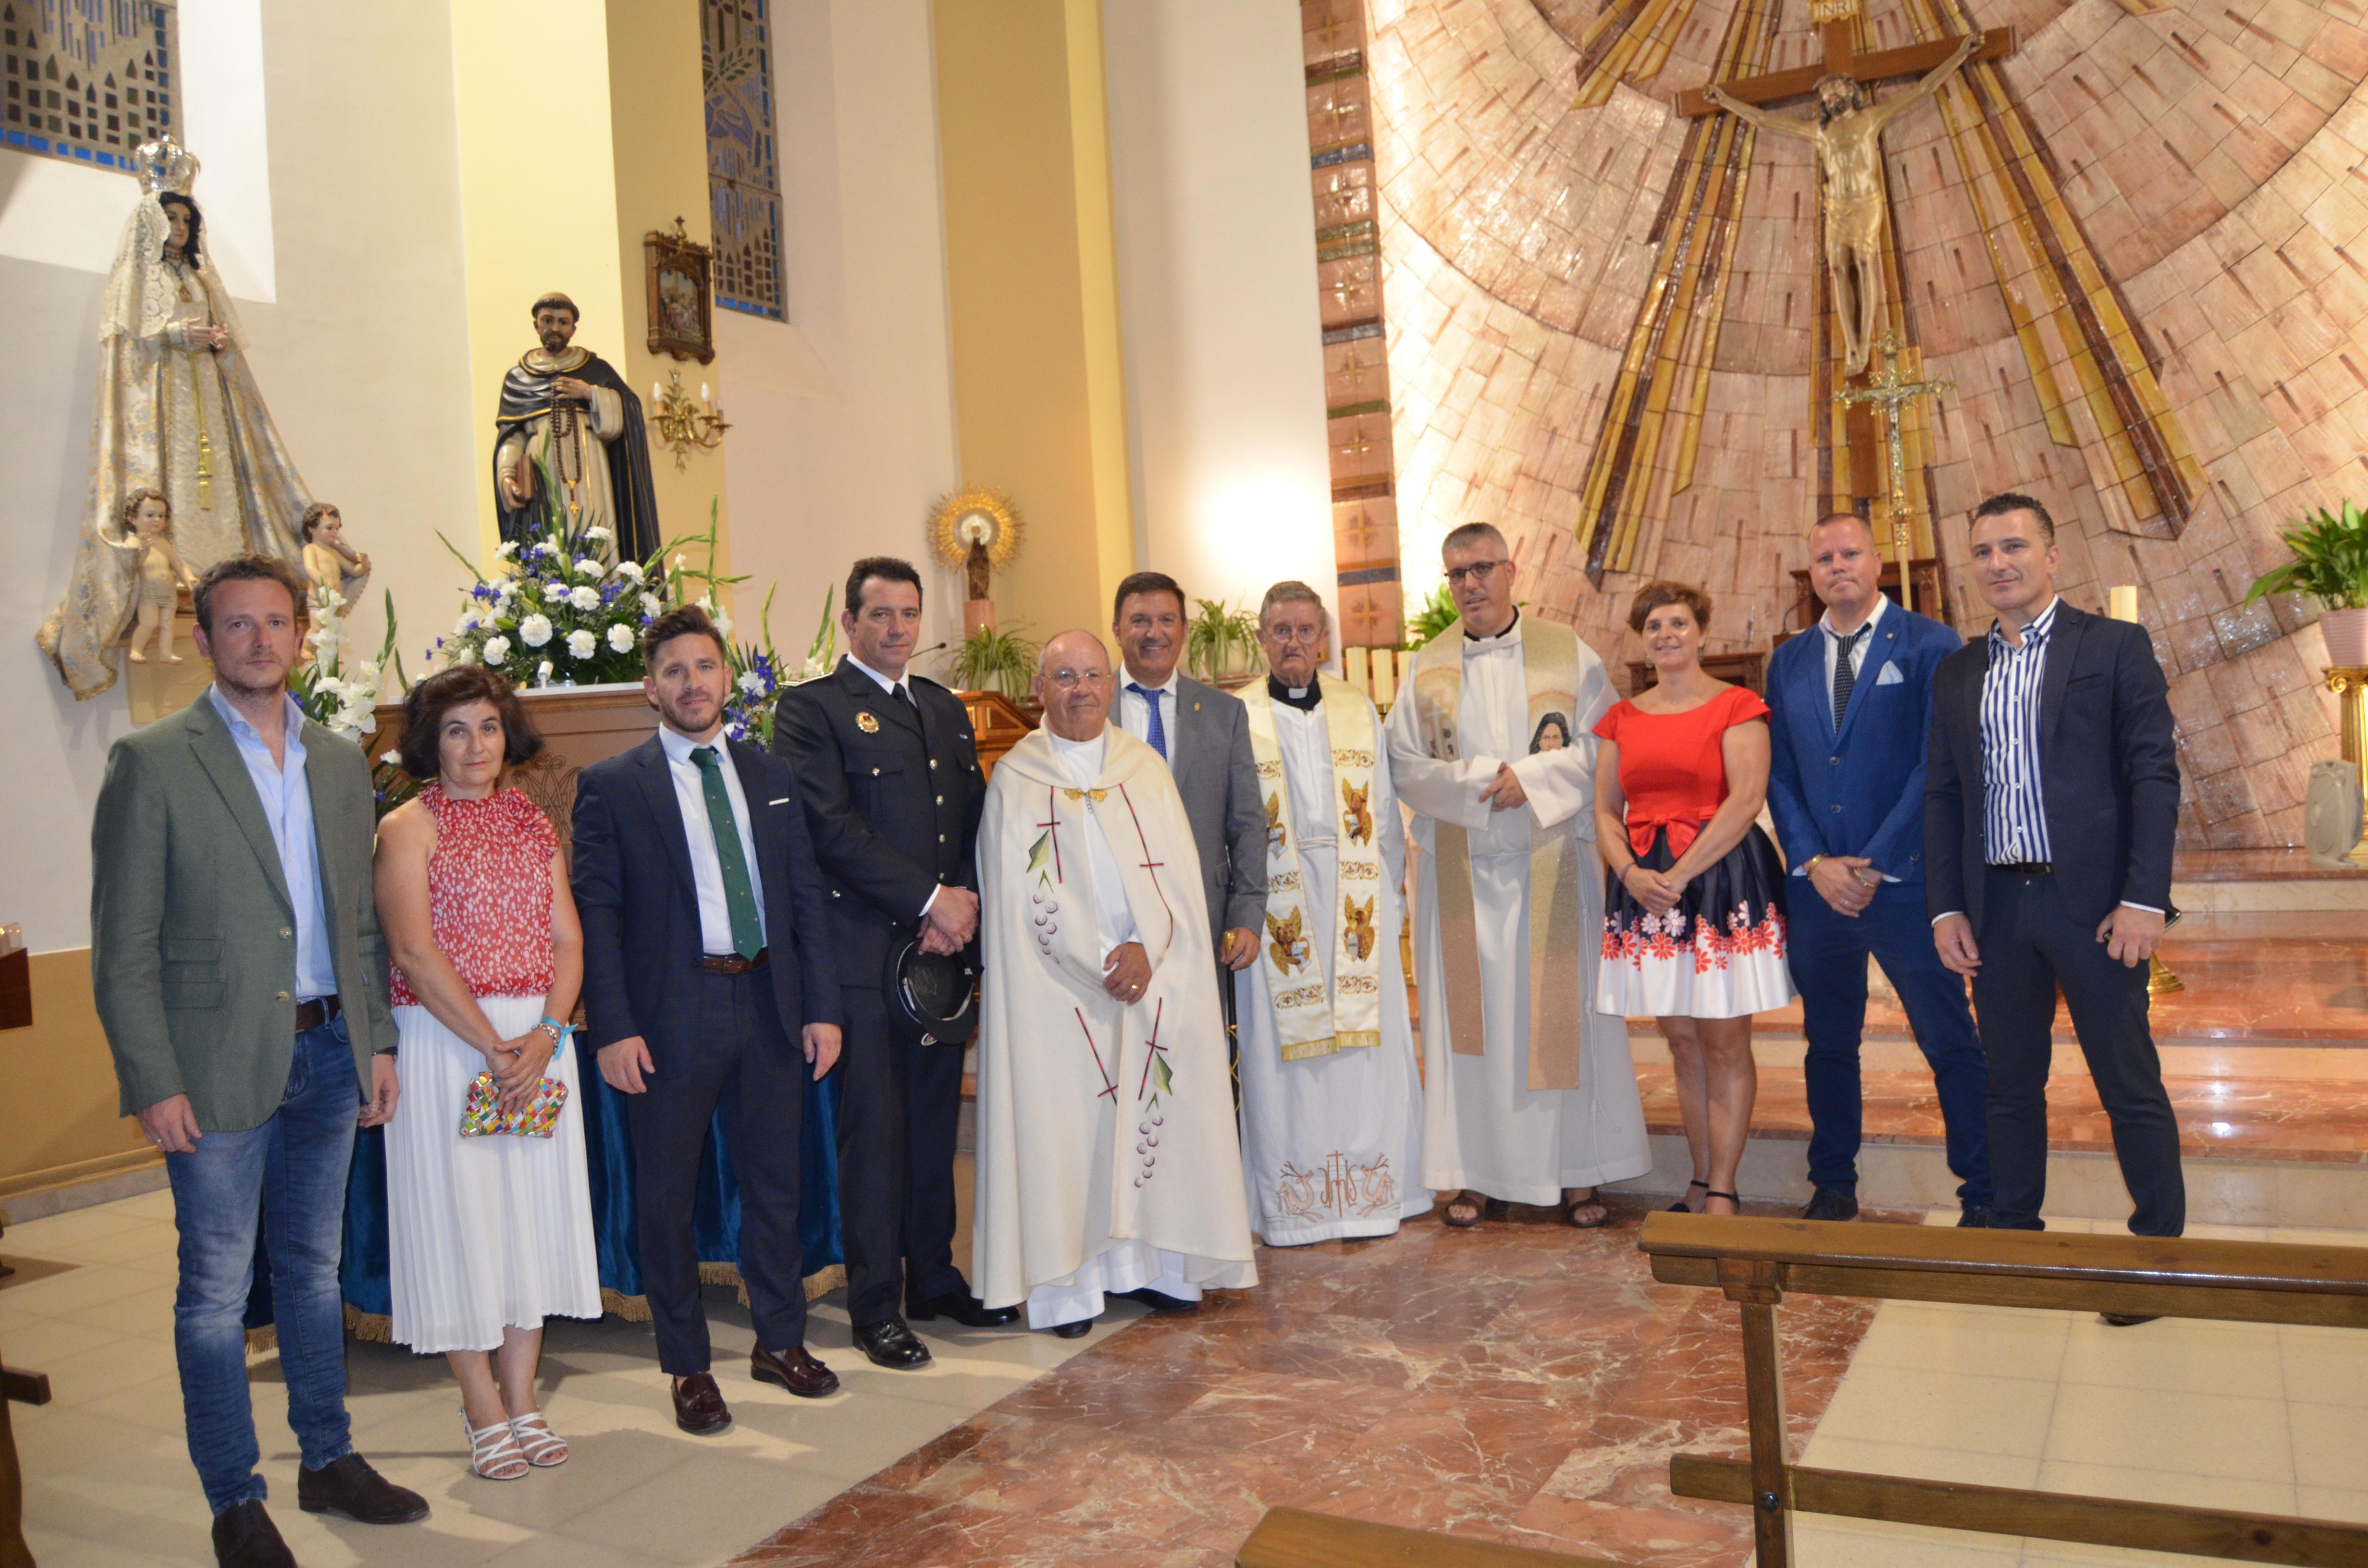 Celebrada la festividad de Santo Domingo de Guzmán, patrón de Humanes de Madrid.